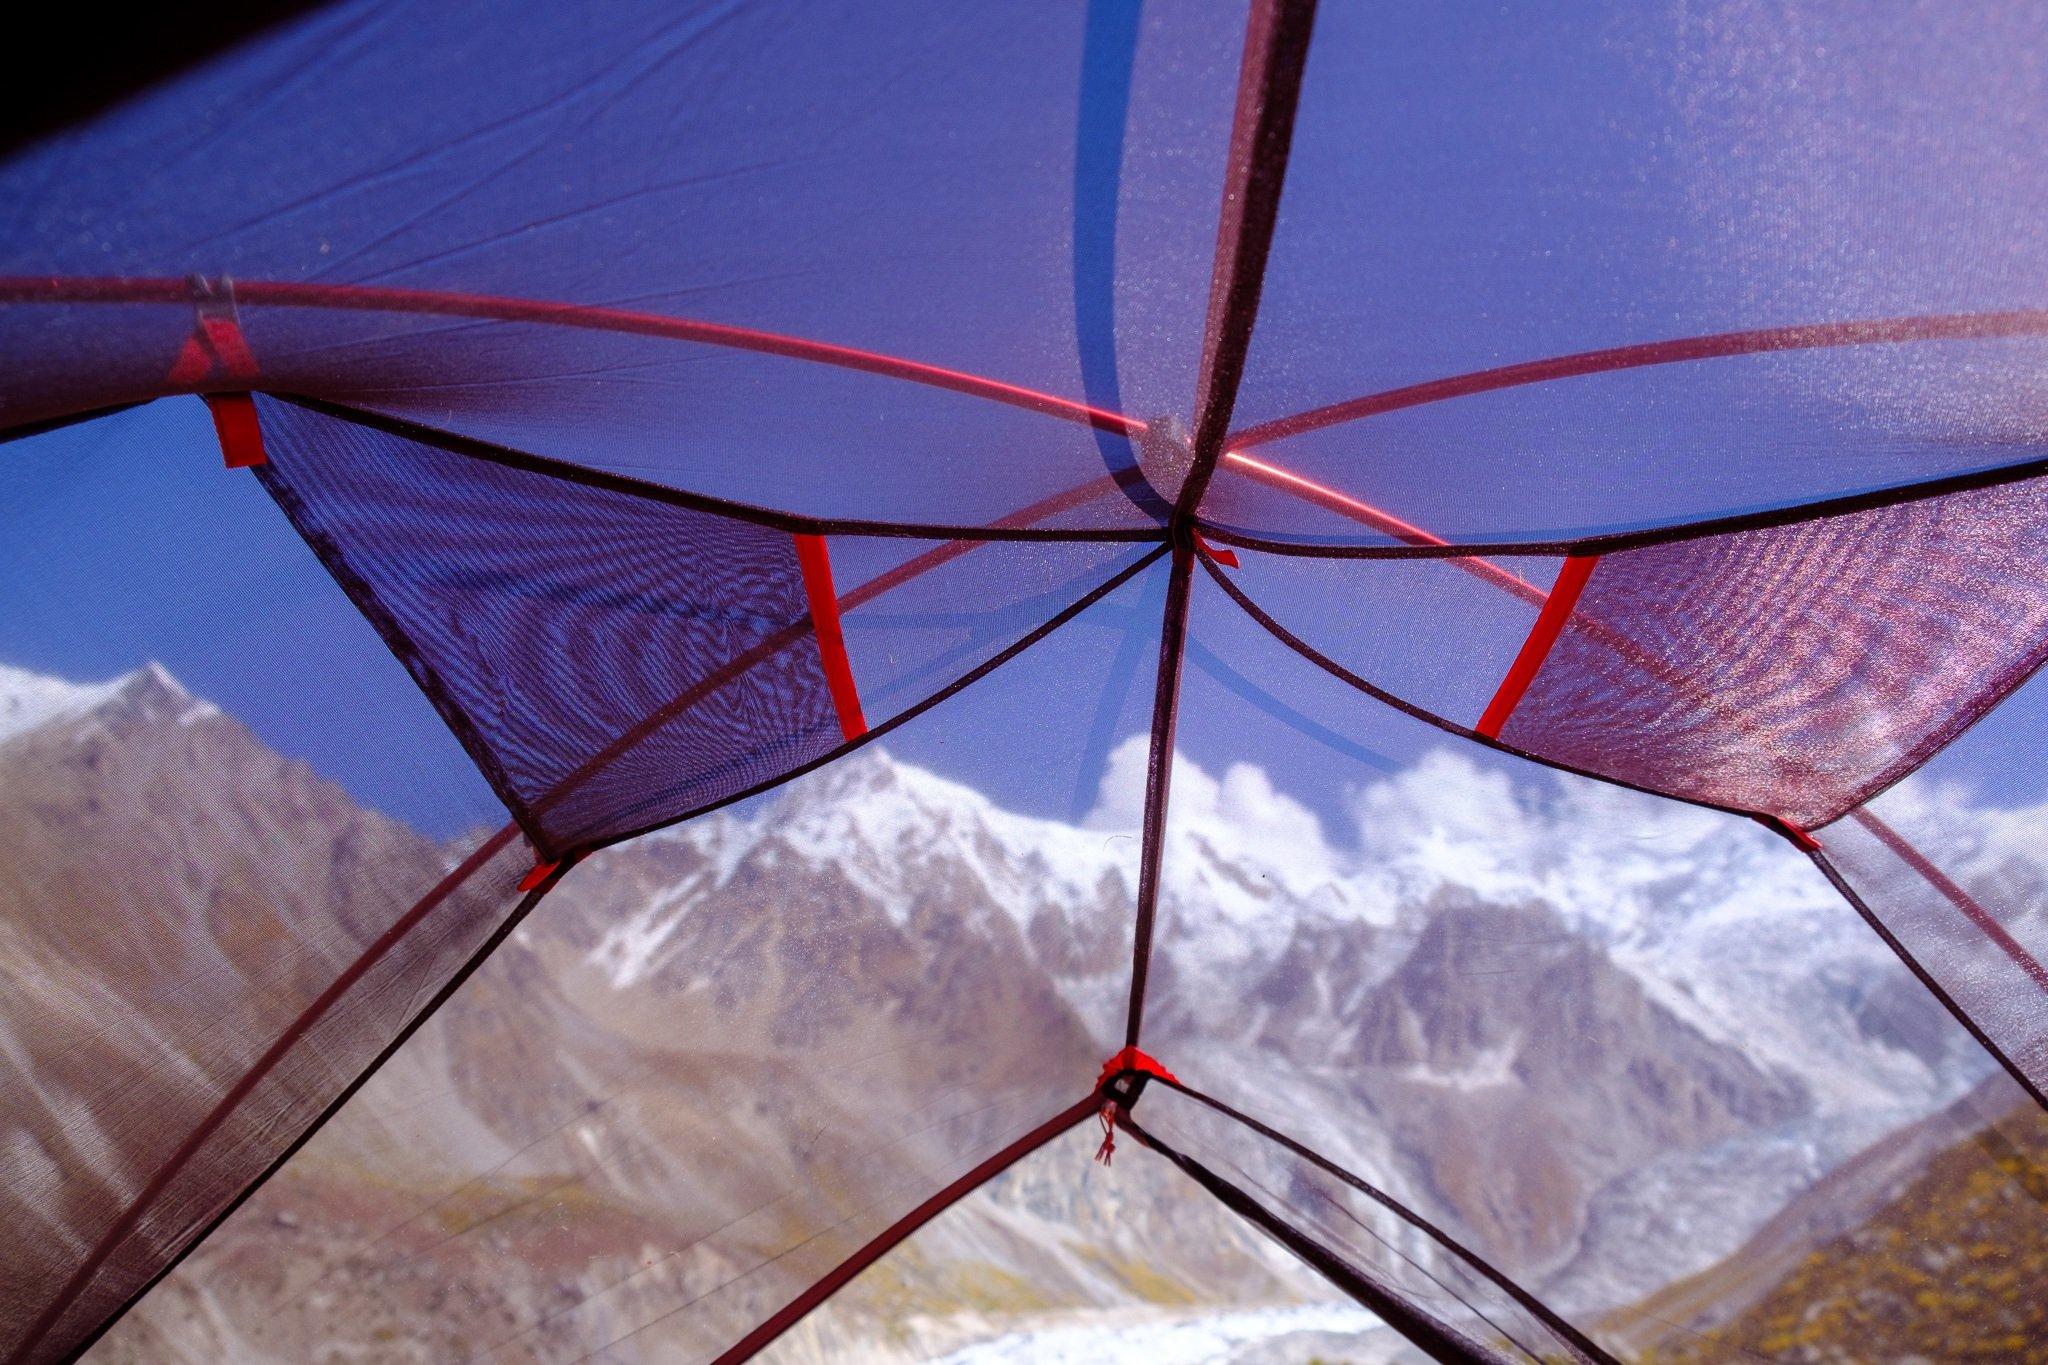 MSR tent